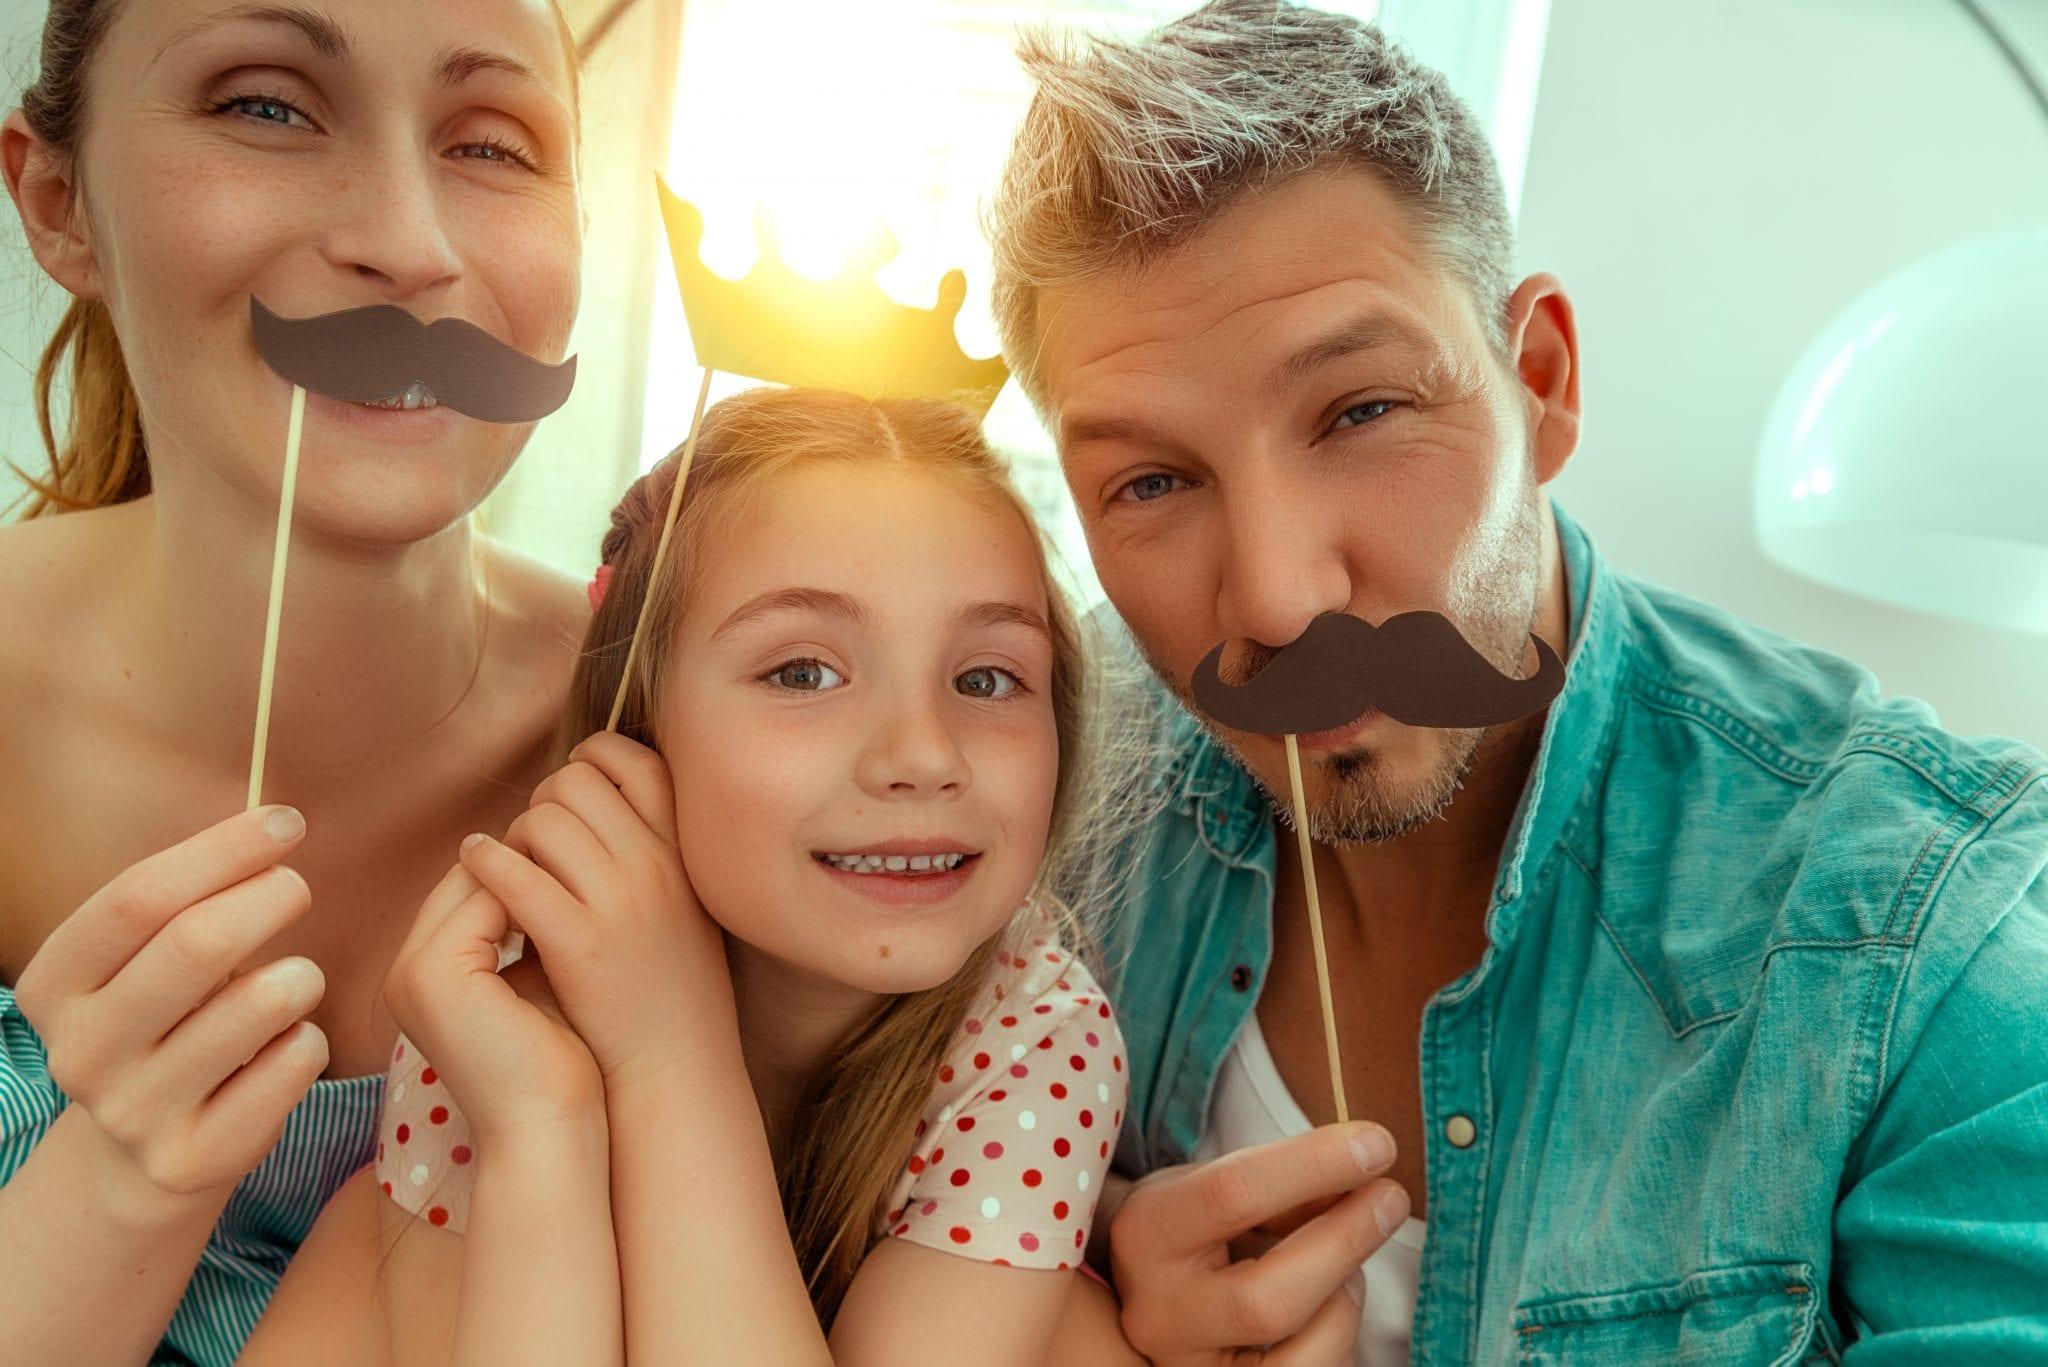 sintonia entre pais